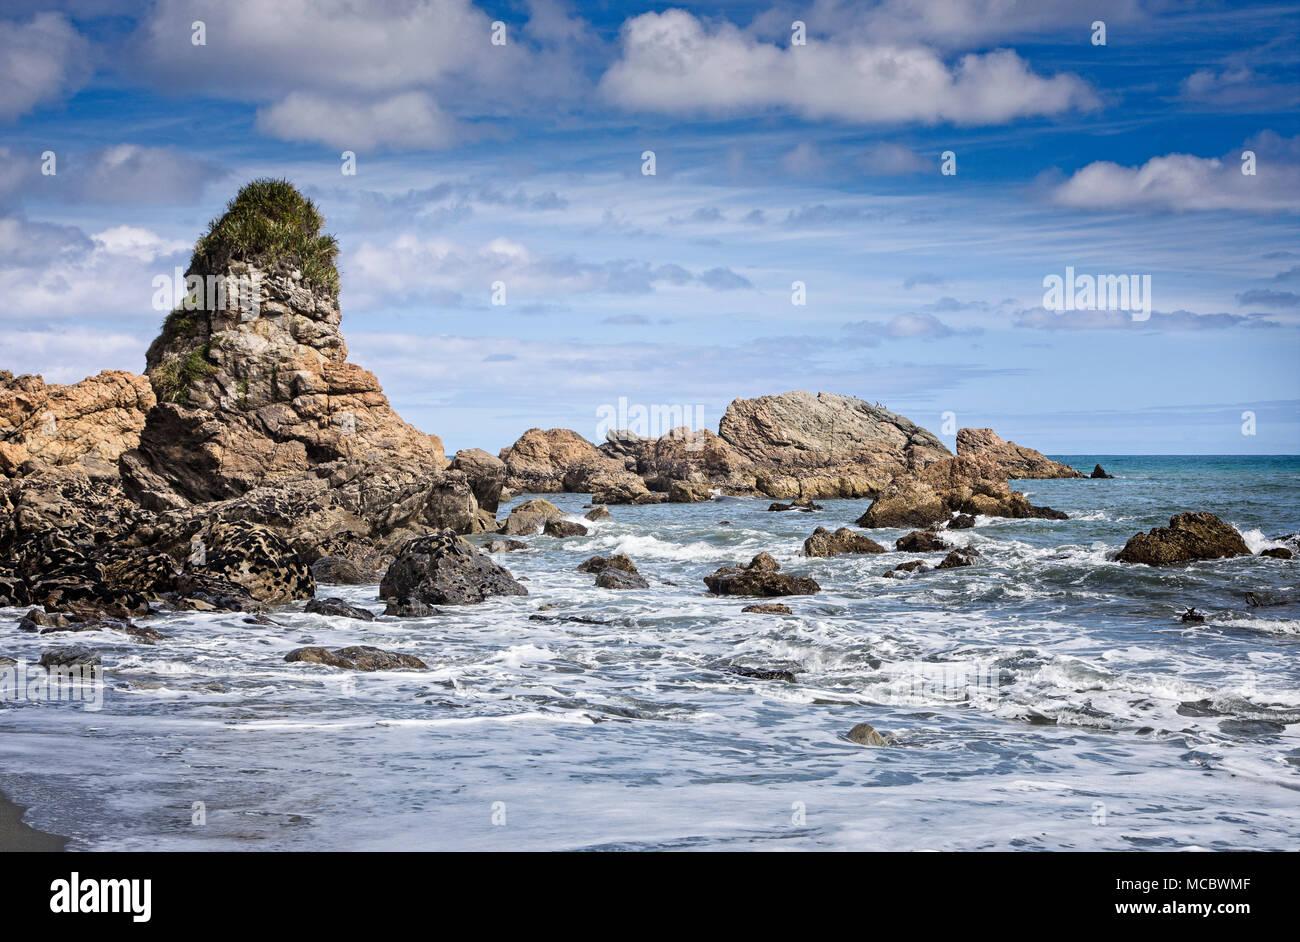 Las pilas y las rocas en la accidentada región de la Costa Oeste de la Isla del Sur, Nueva Zelanda. Imagen De Stock